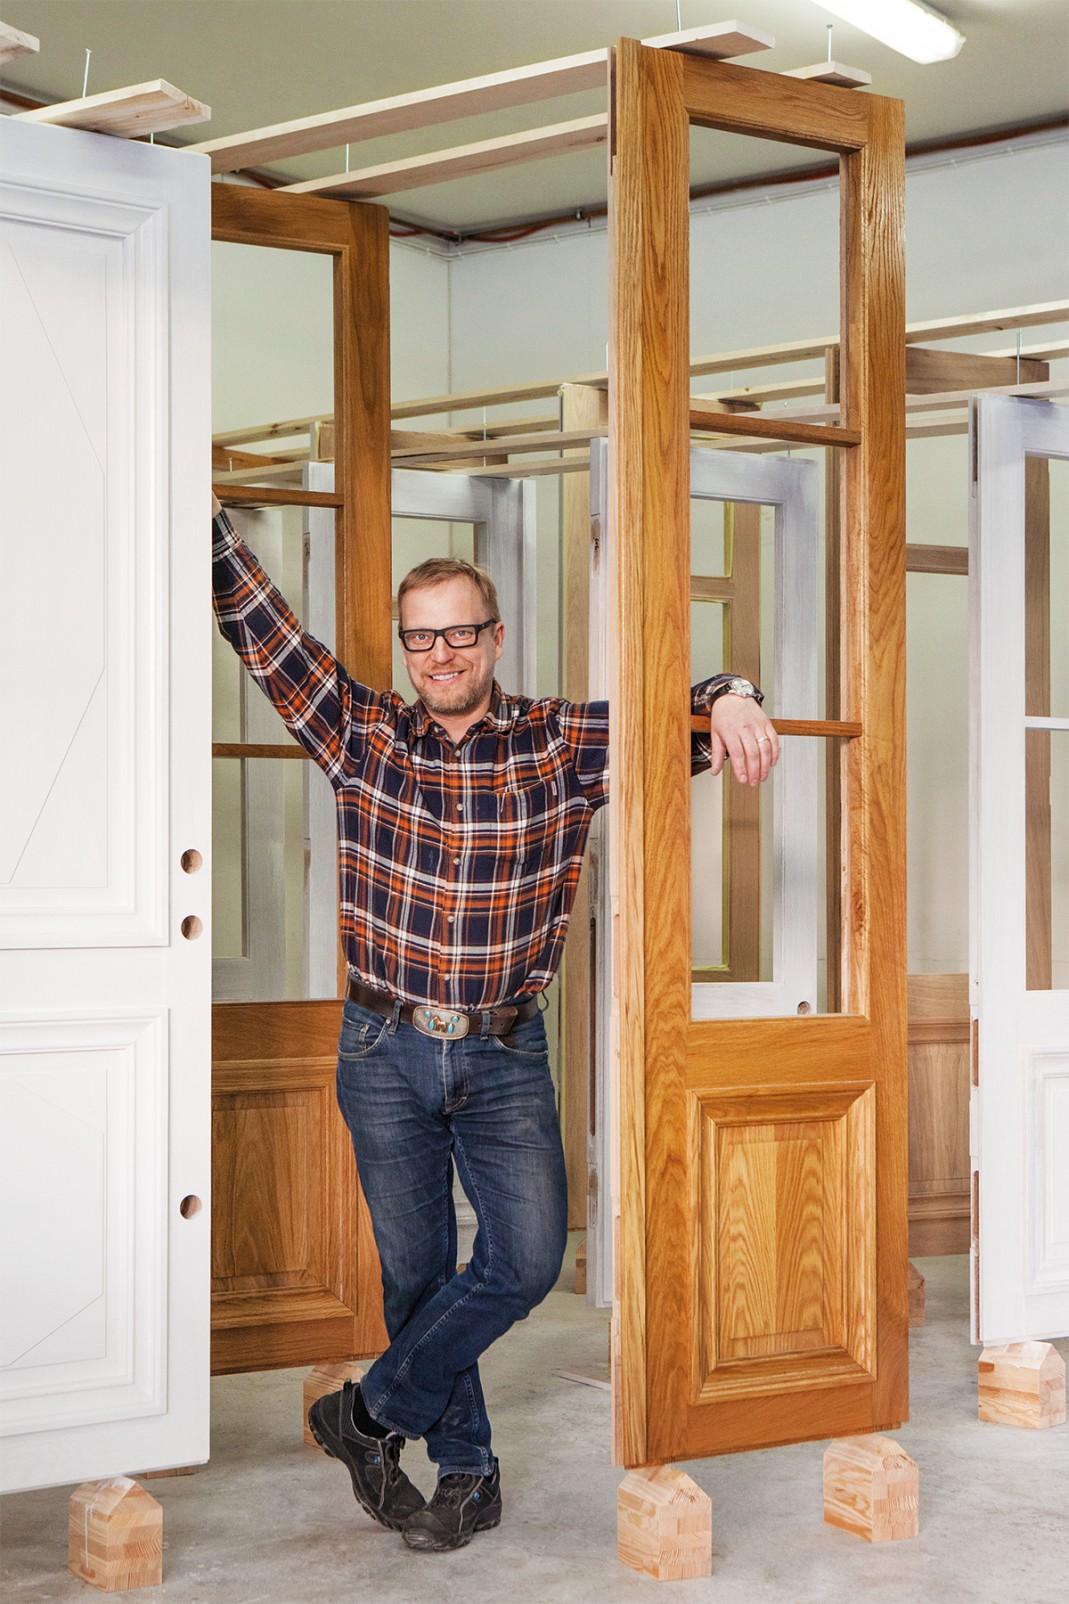 Pintakäsittelynä ovissa viisinkertainen lakkaus Le Tonkinois -lakalla. Valkoisissa ovissa Saksotol-öljymaali.